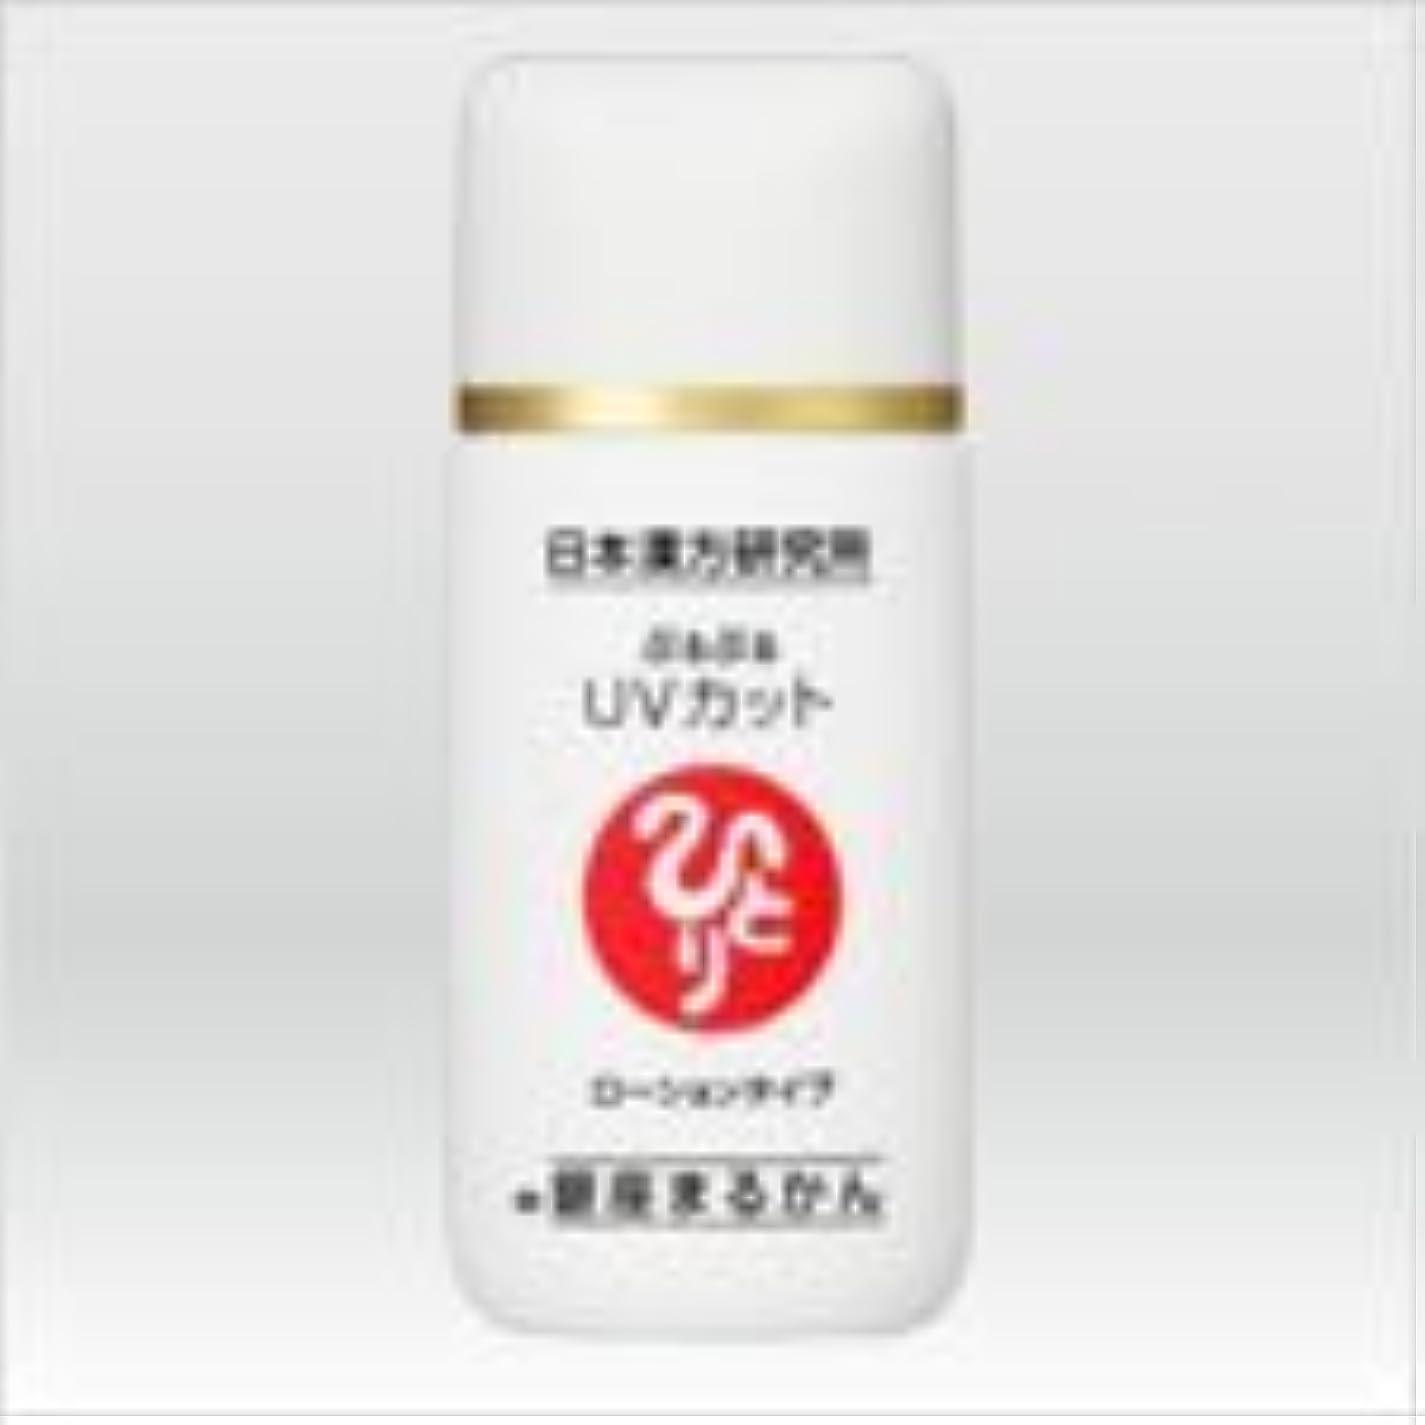 医薬煙突太字【銀座まるかん】ぷるぷるUVカット ローションタイプ